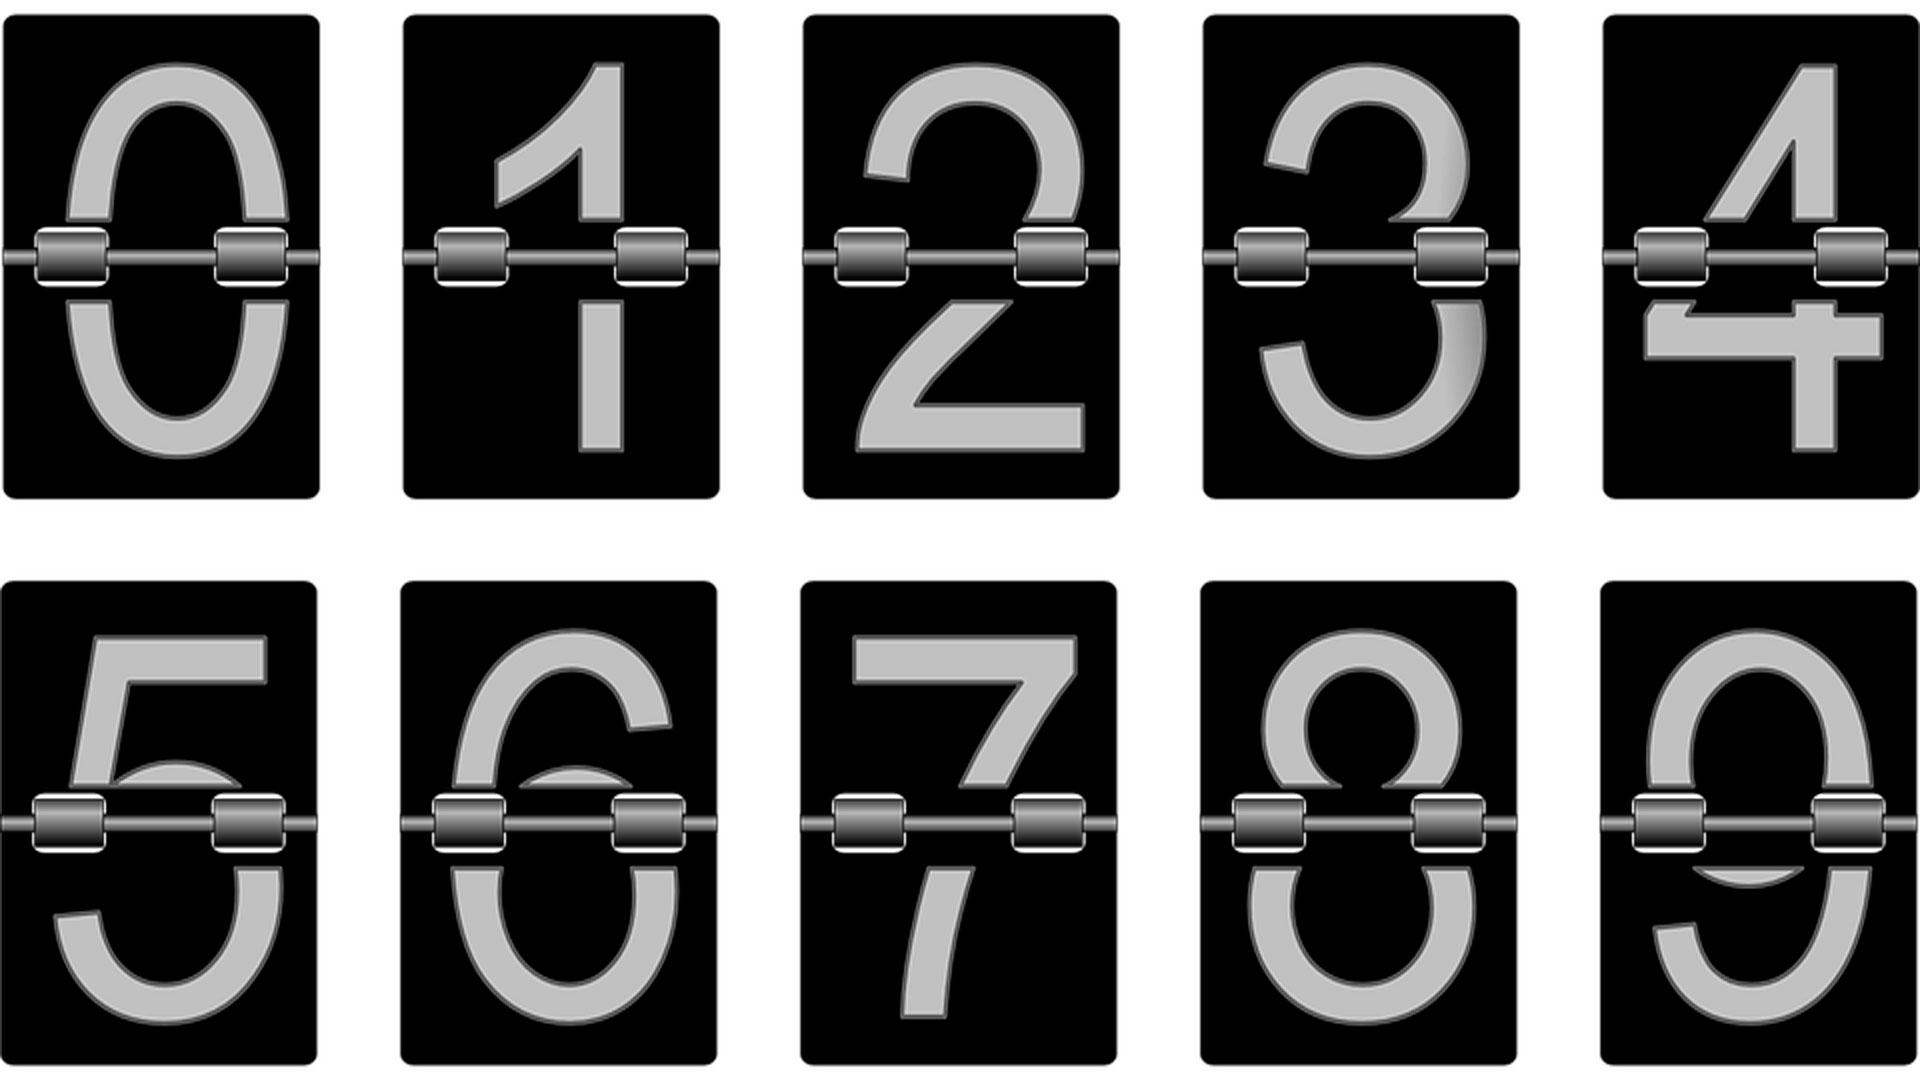 10-pistas-para-aumentar-las-visitas-de-tu-página-web-1920 - copia